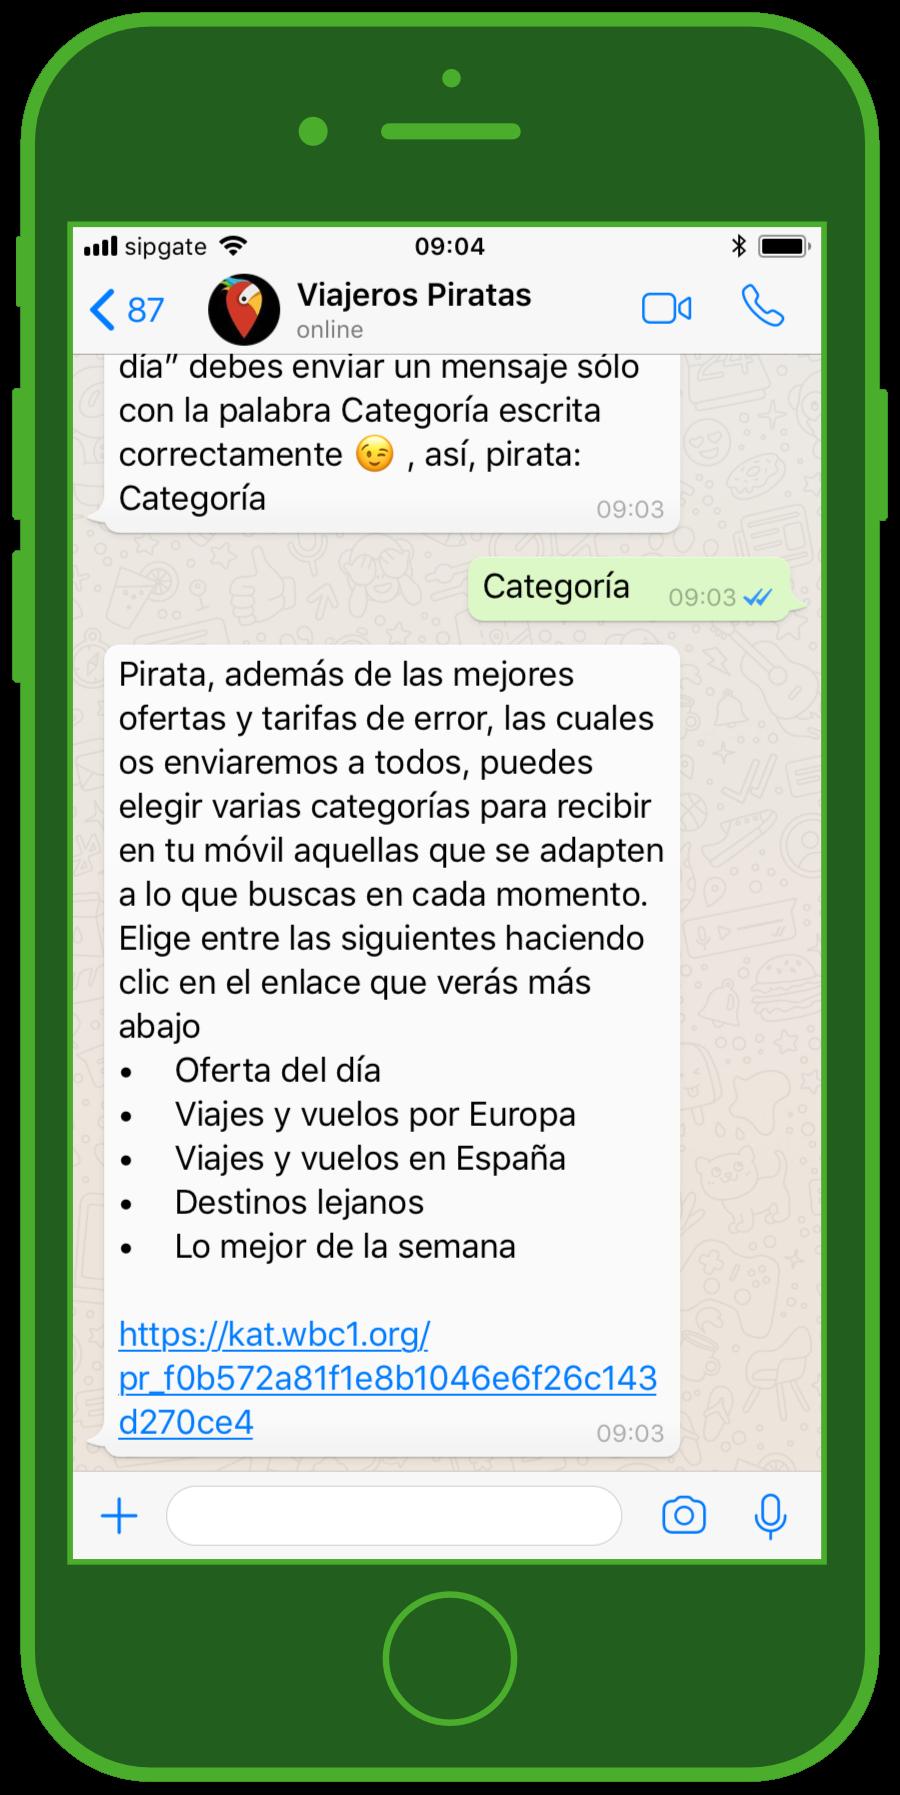 device-viajeros-piratas-1